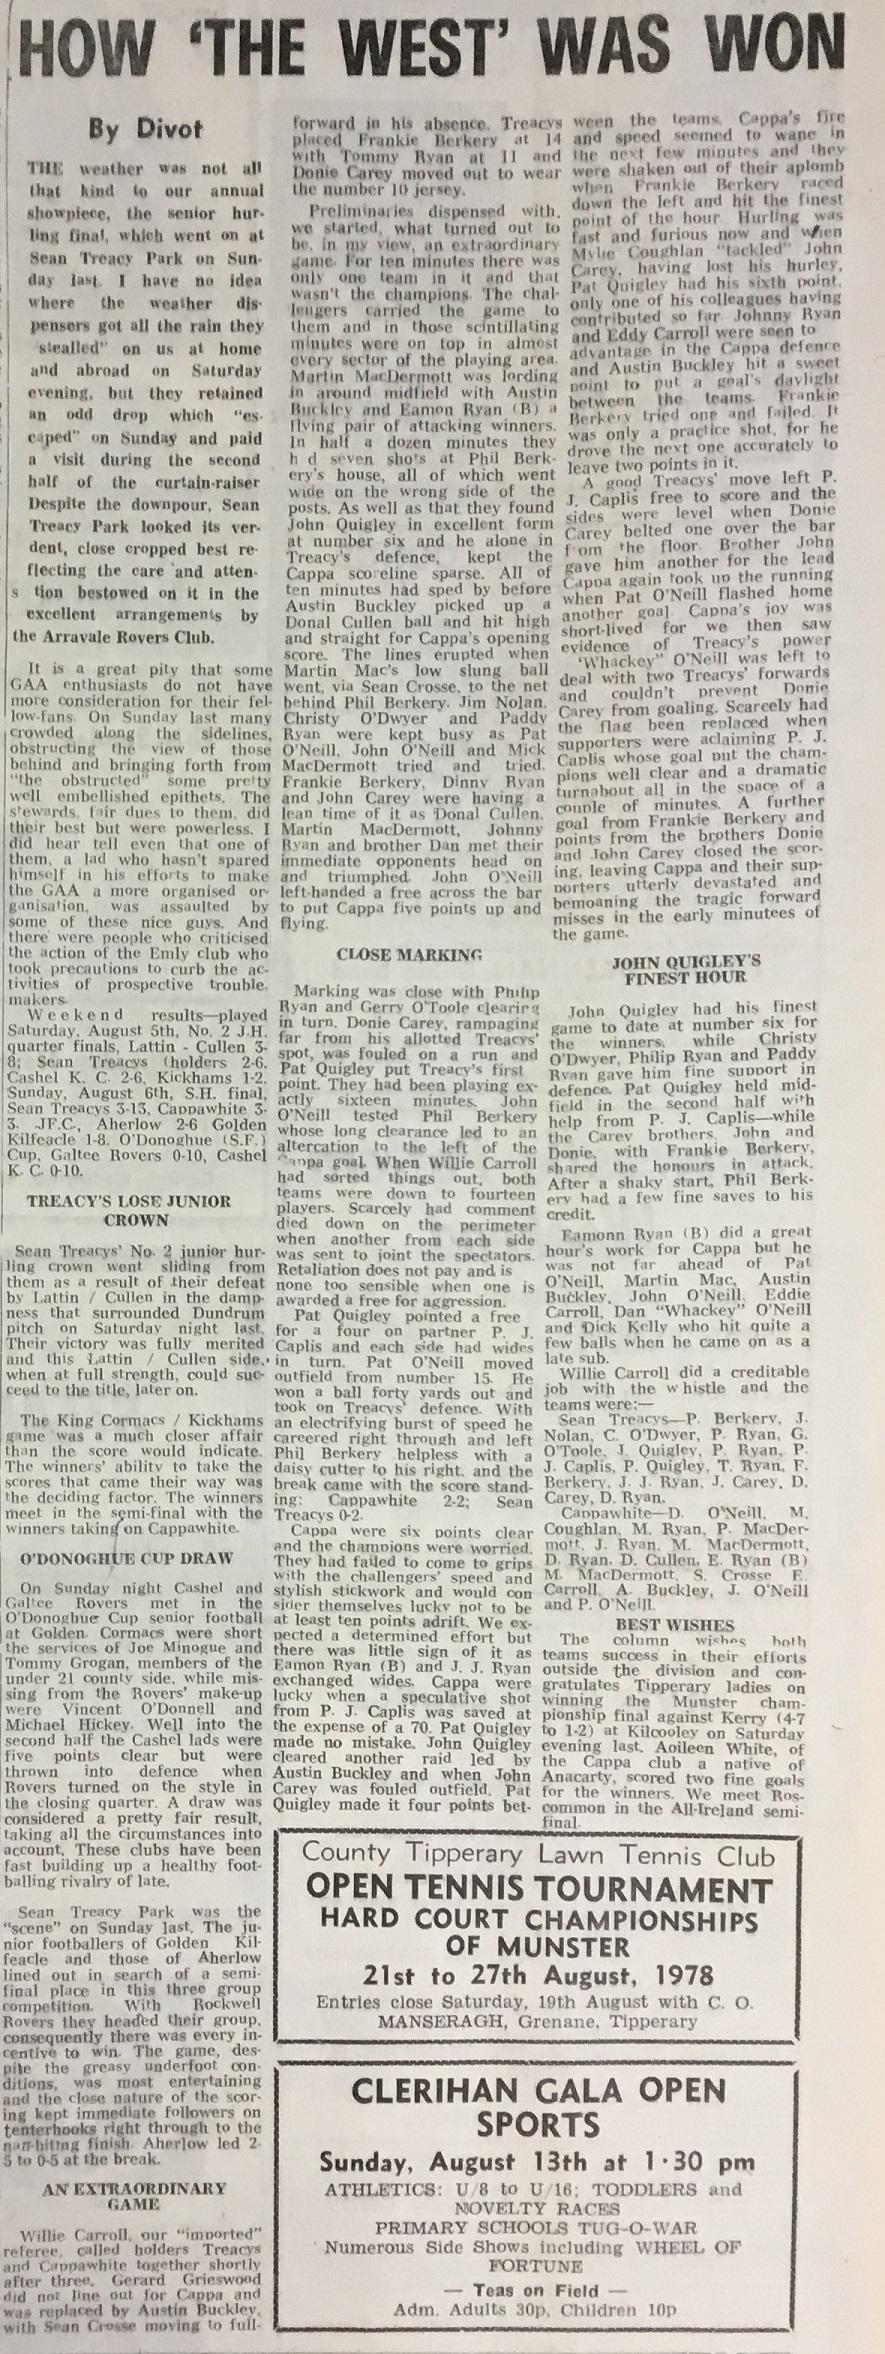 1978 West Hurling Final report